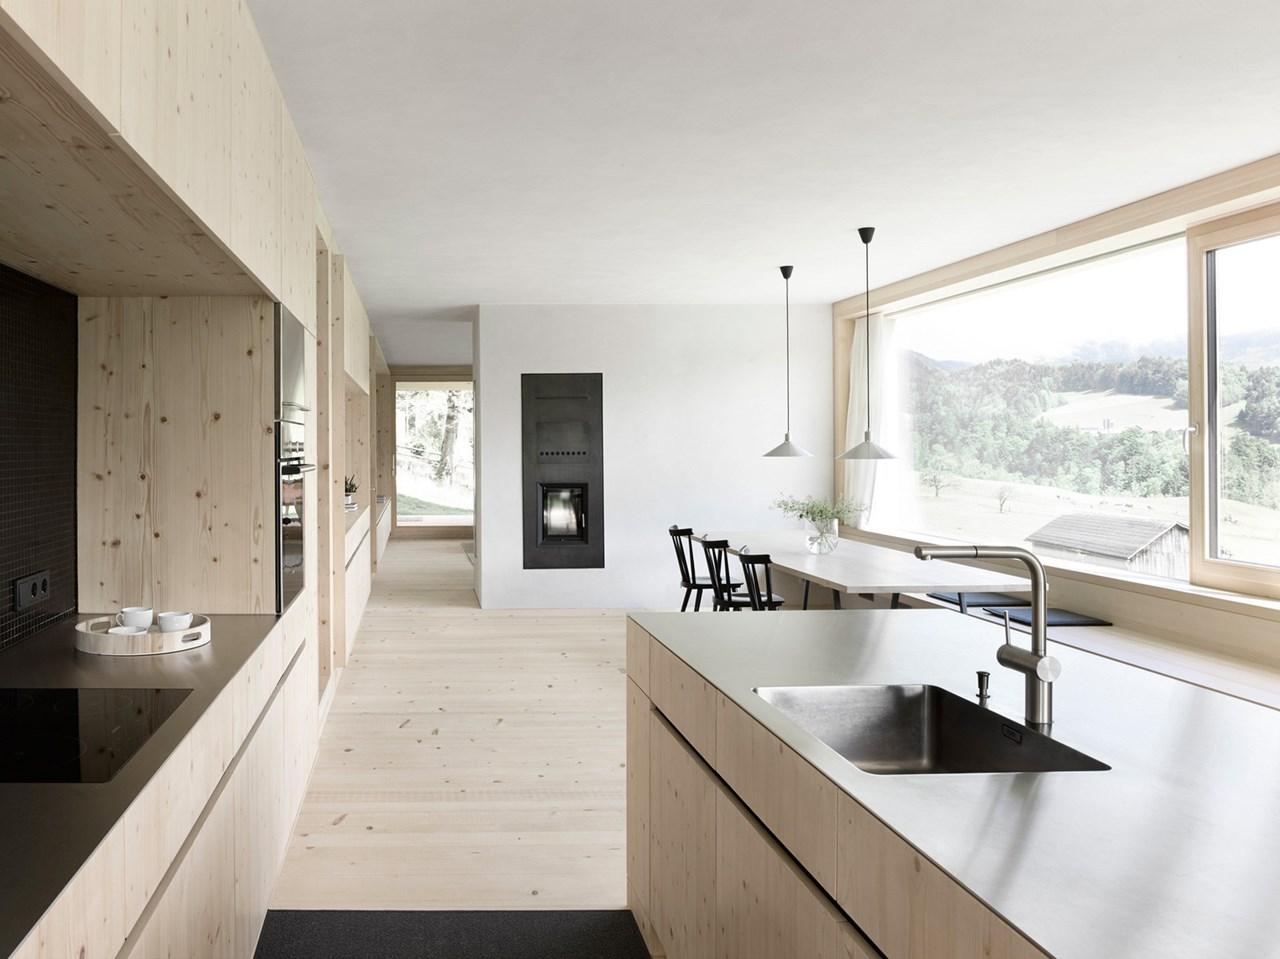 Wooden House By Innauer Matt Architekten In Austria